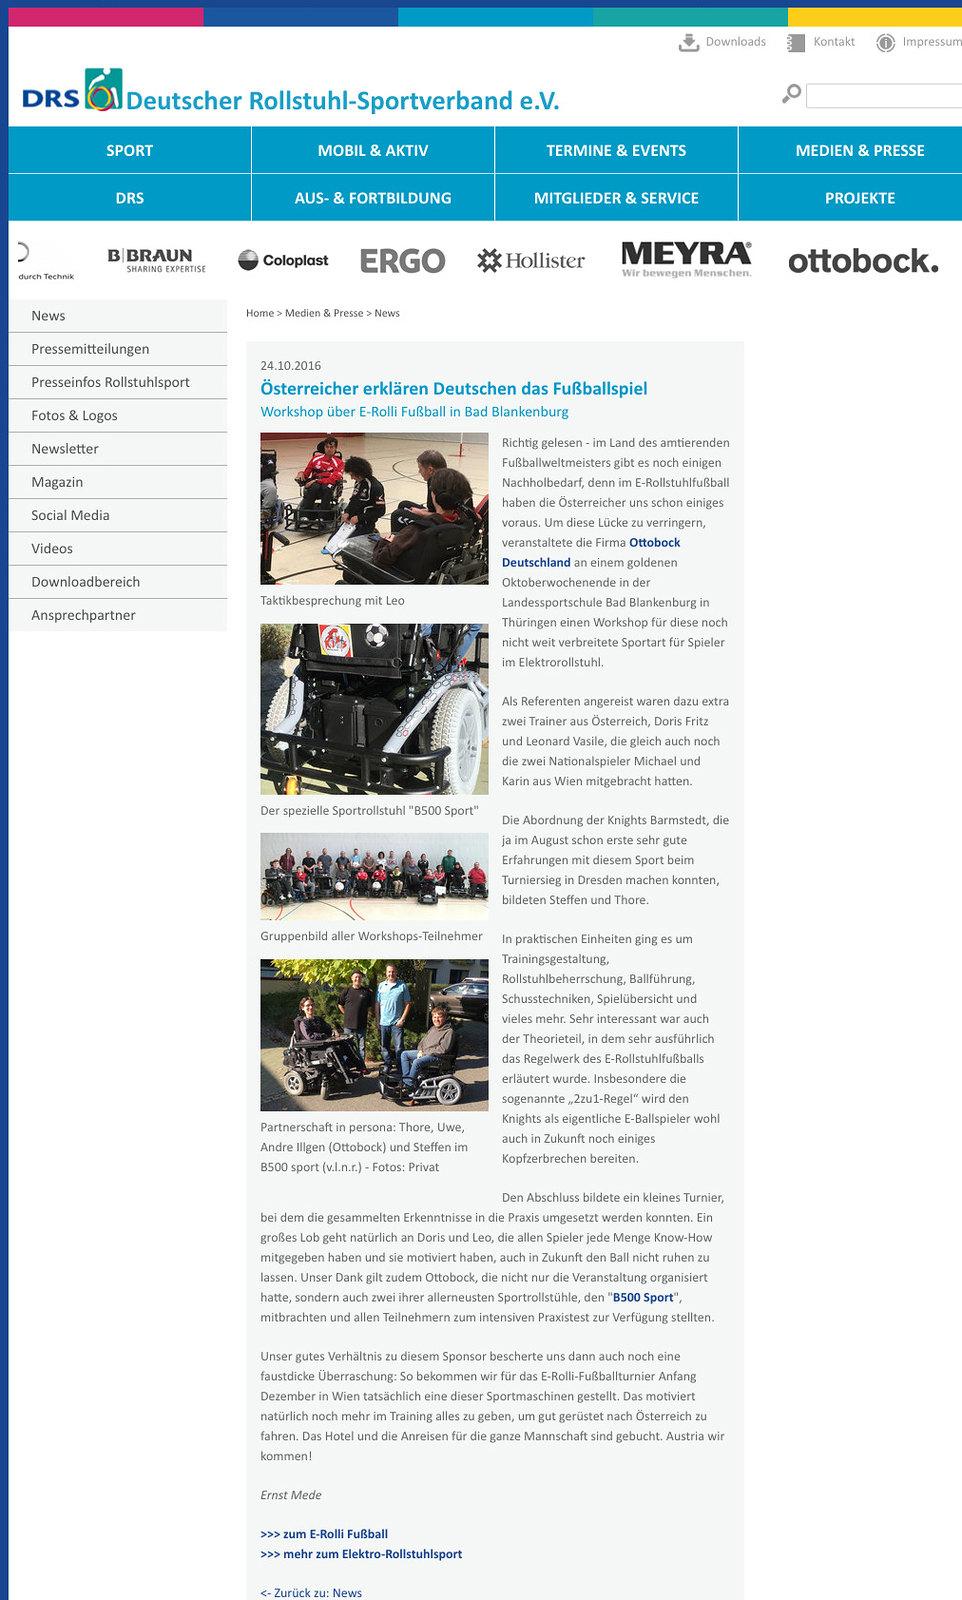 Deutscher Rollstuhl-Sportverband e.V.